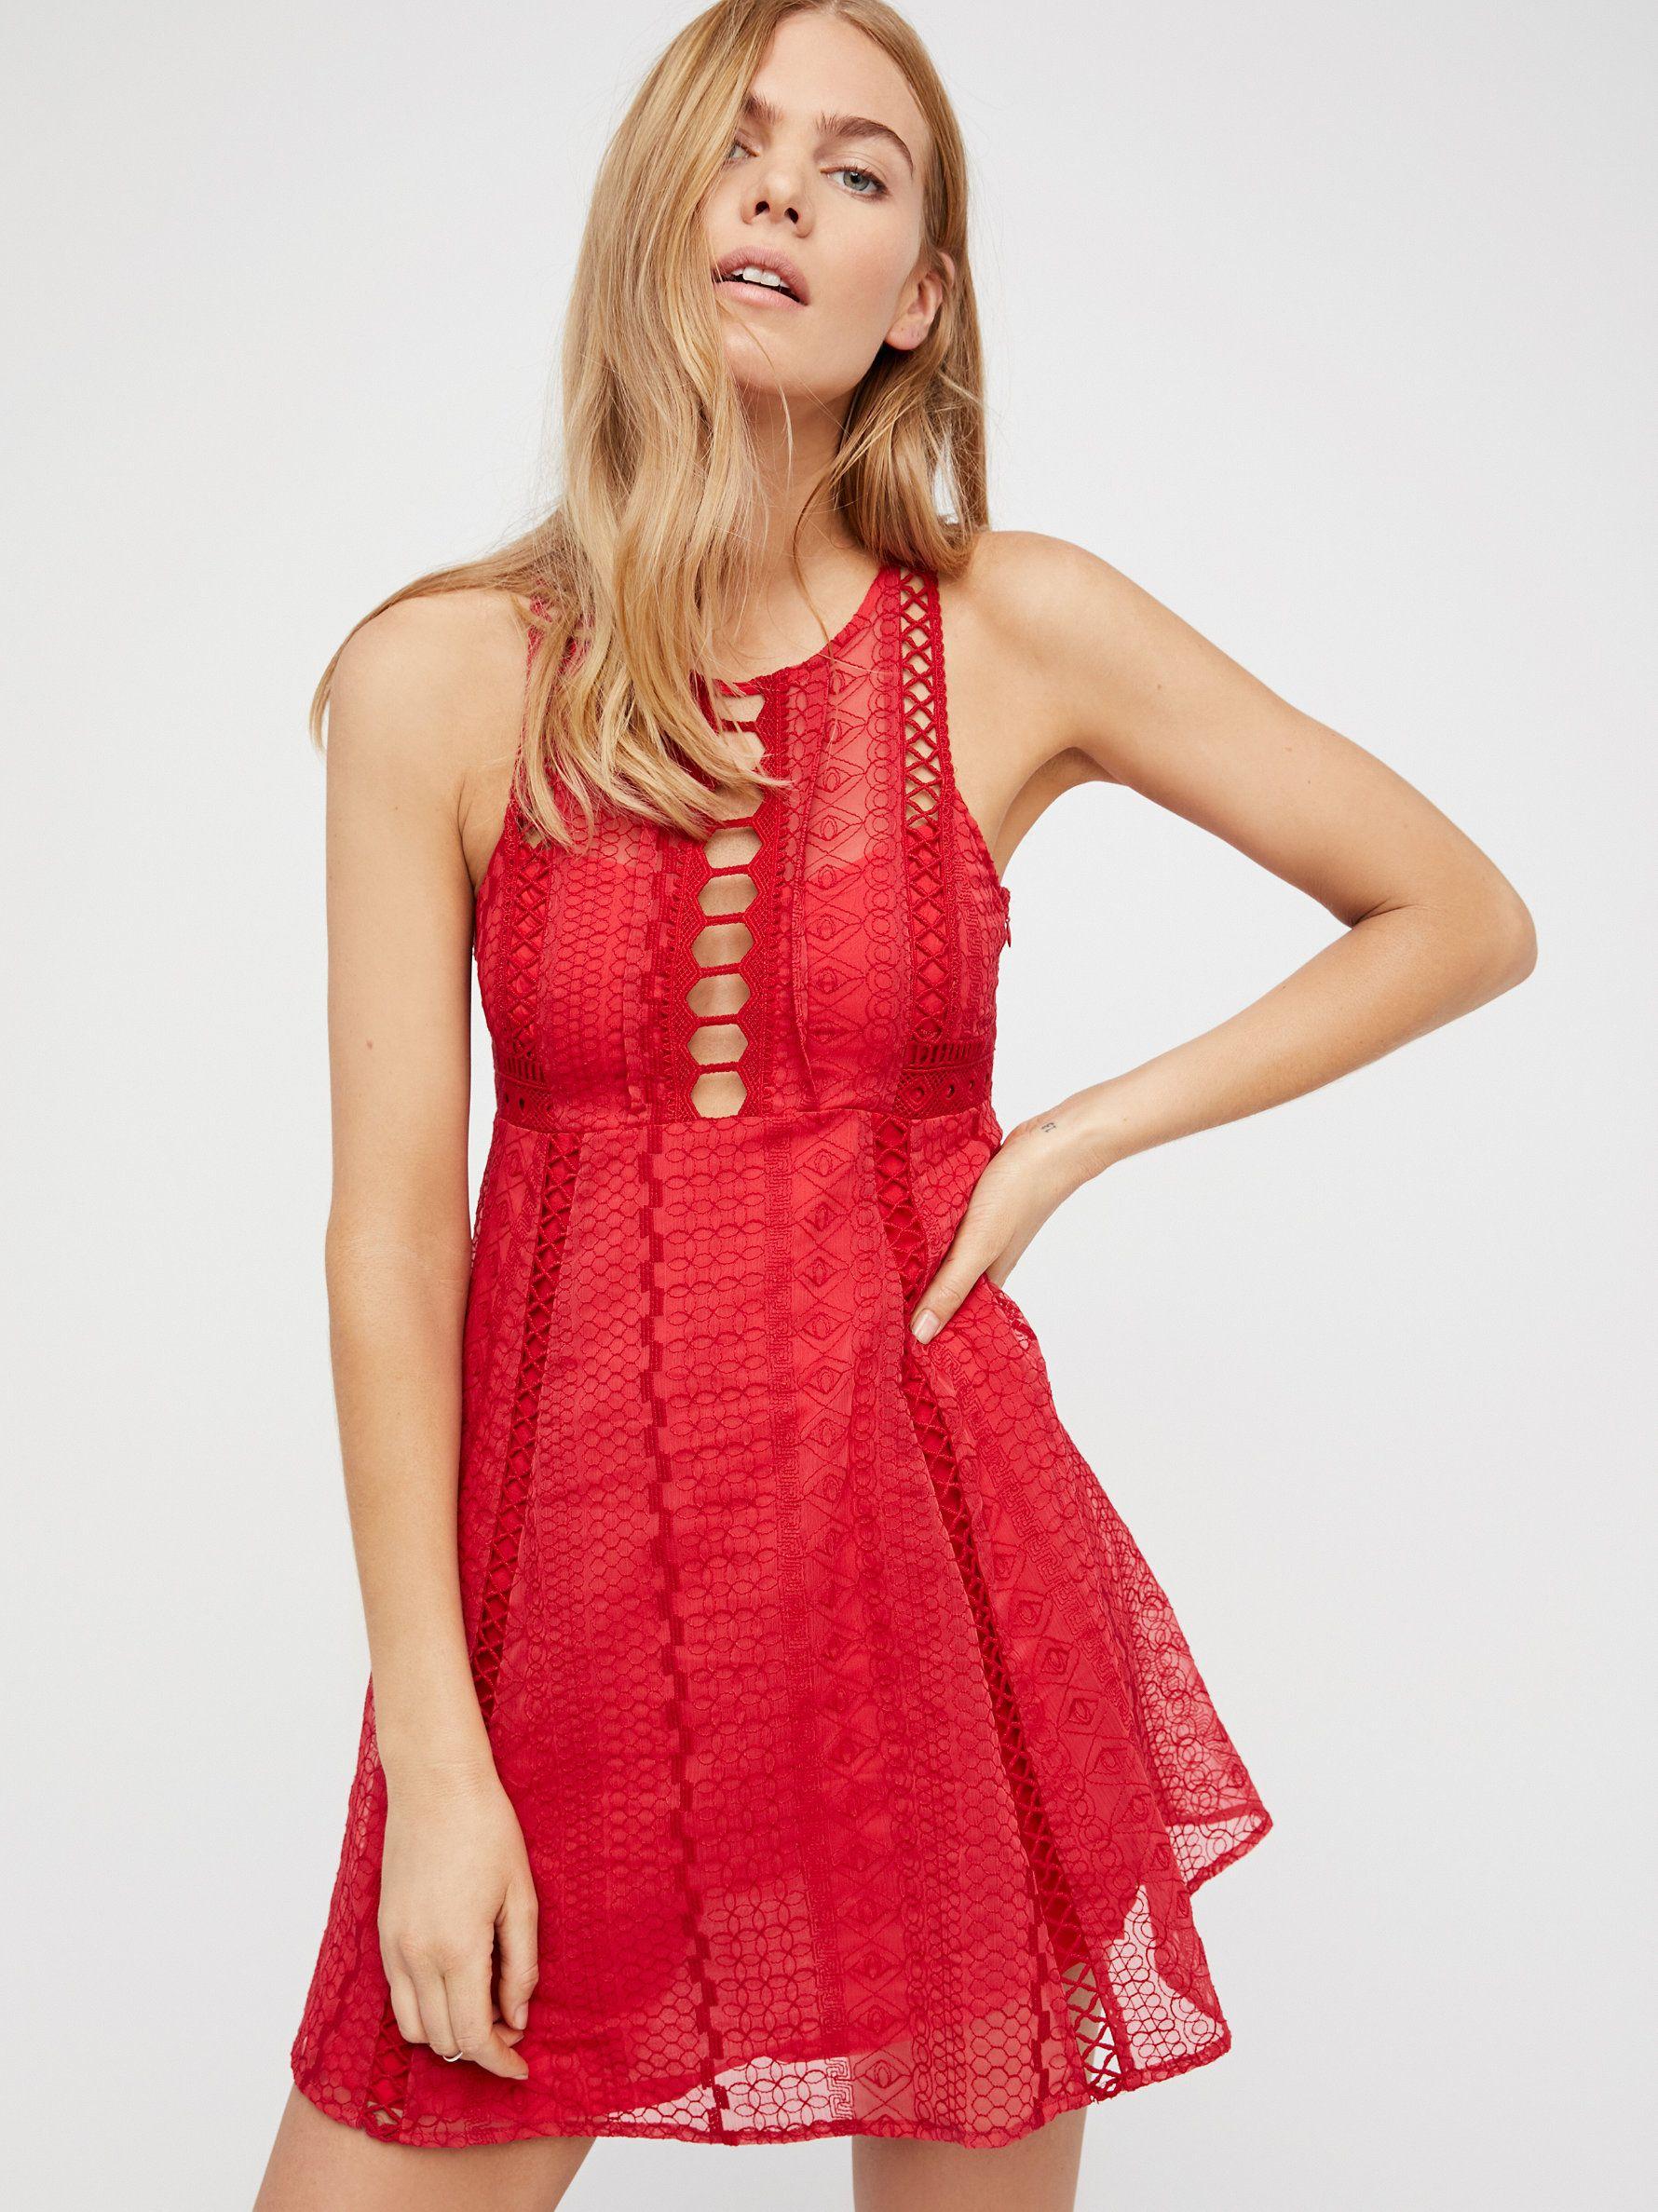 Wherever you go mini dress mini dresses